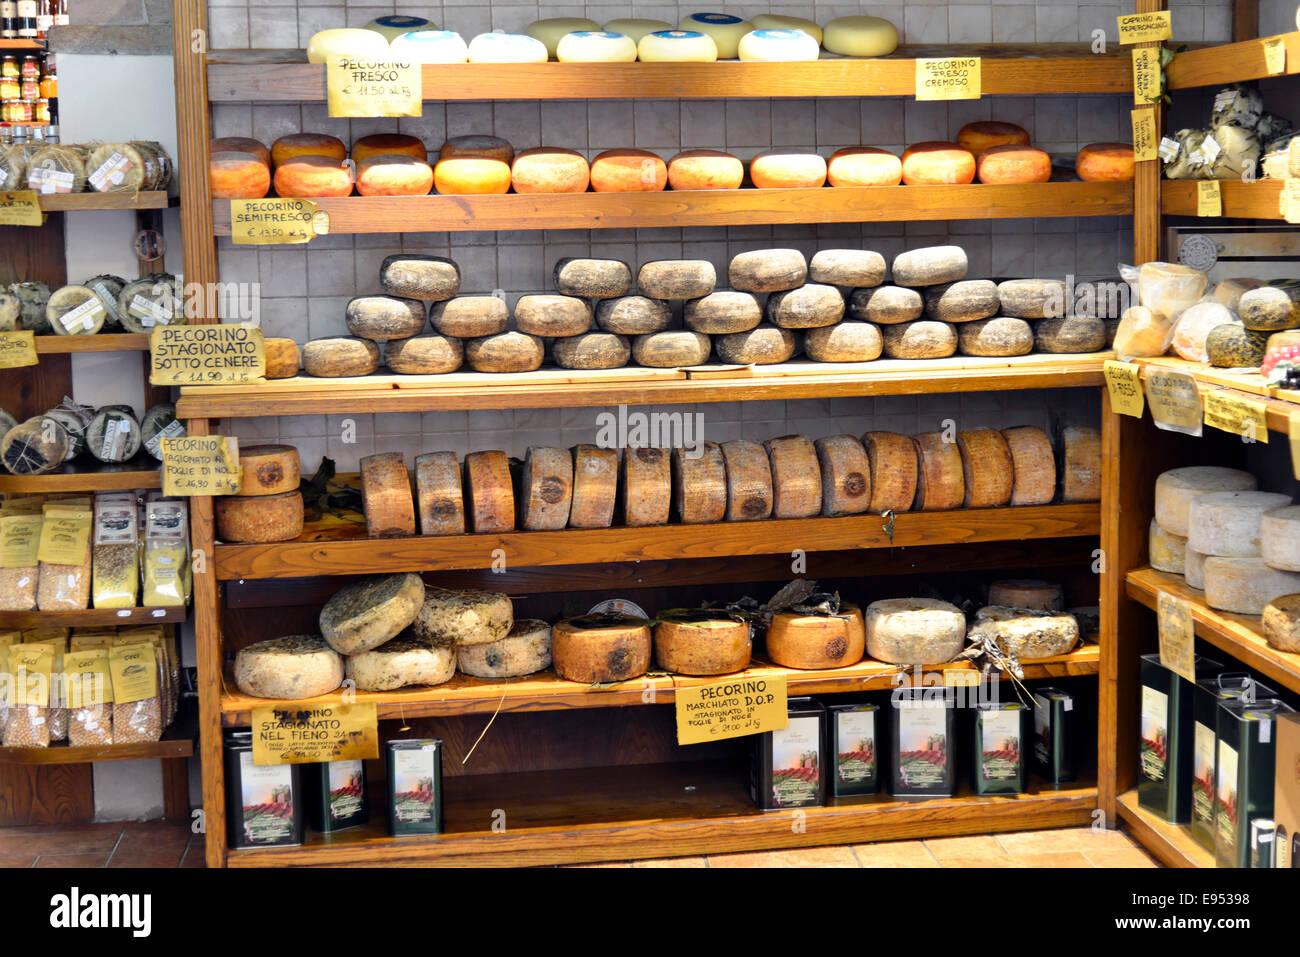 Fromage de brebis en vente dans une boutique spécialisée, Pienza, Province de Sienne, Toscane, Italie Photo Stock